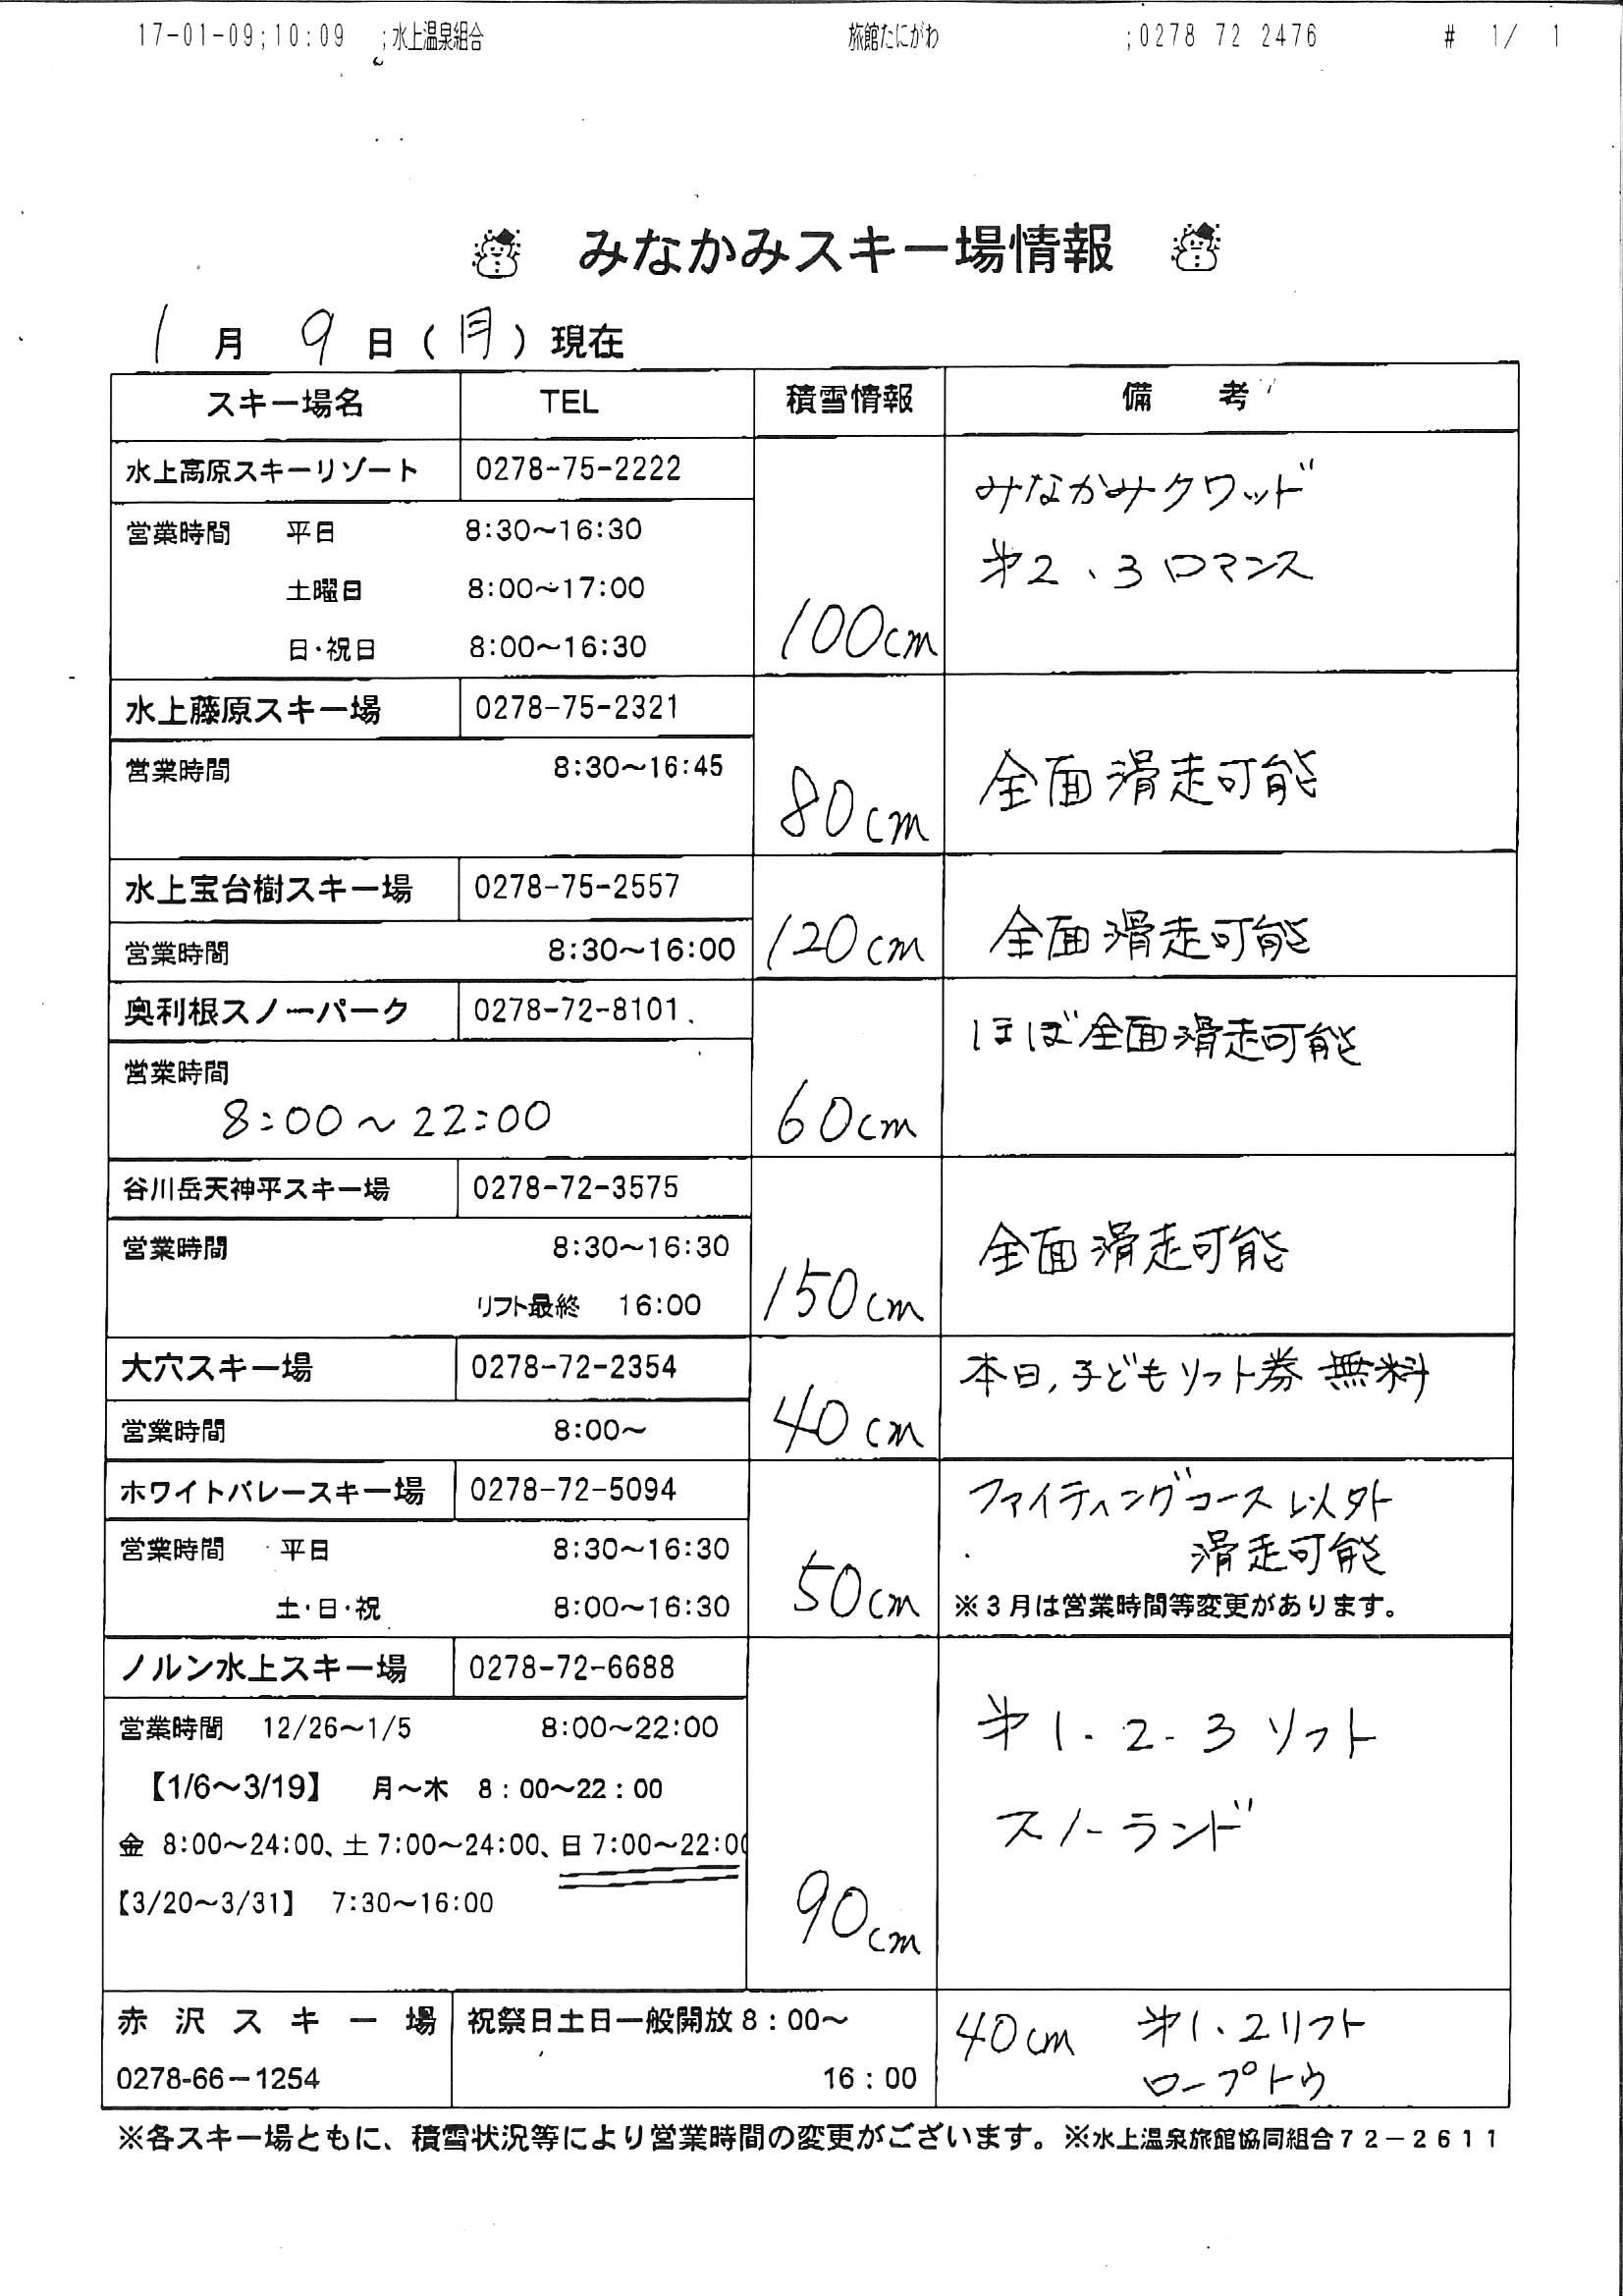 ☆☆☆みなかみスキー場情報☆☆☆